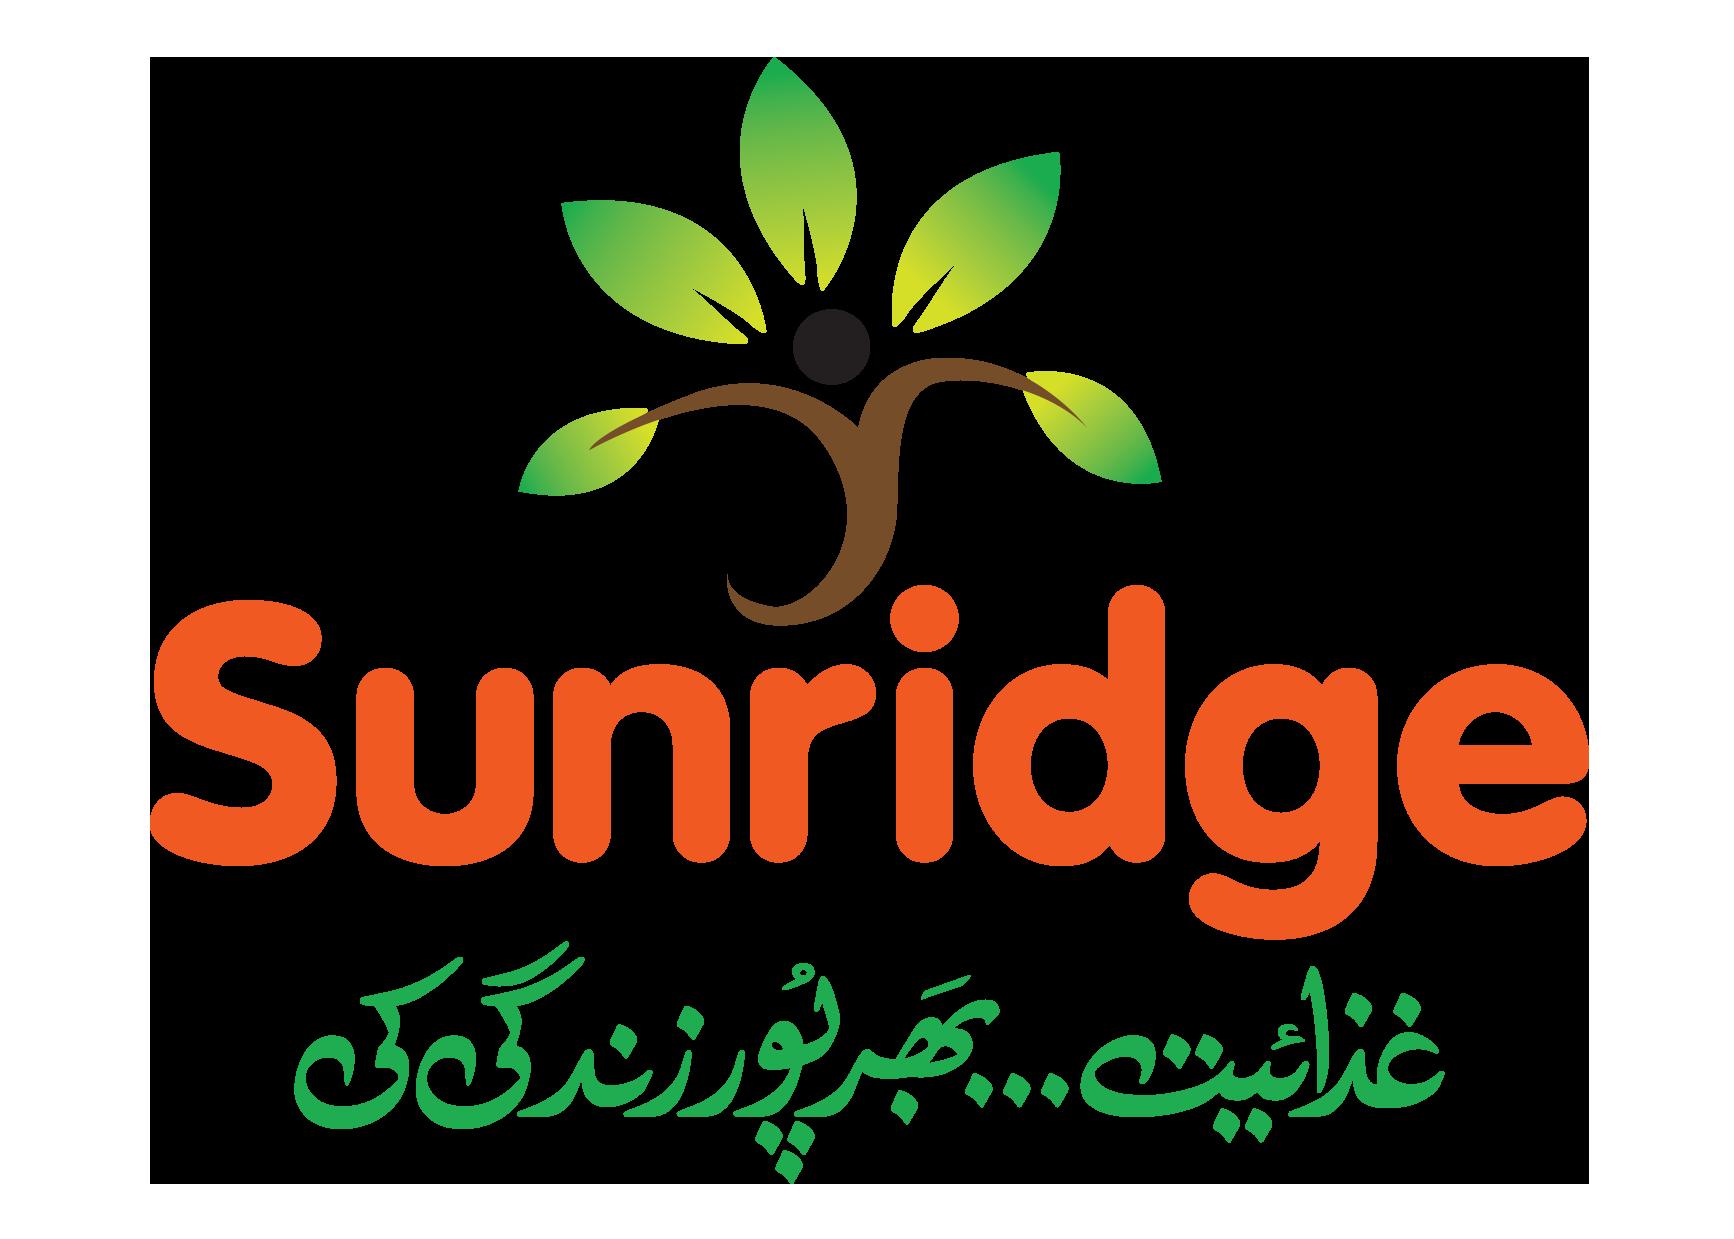 Sunridge-logo